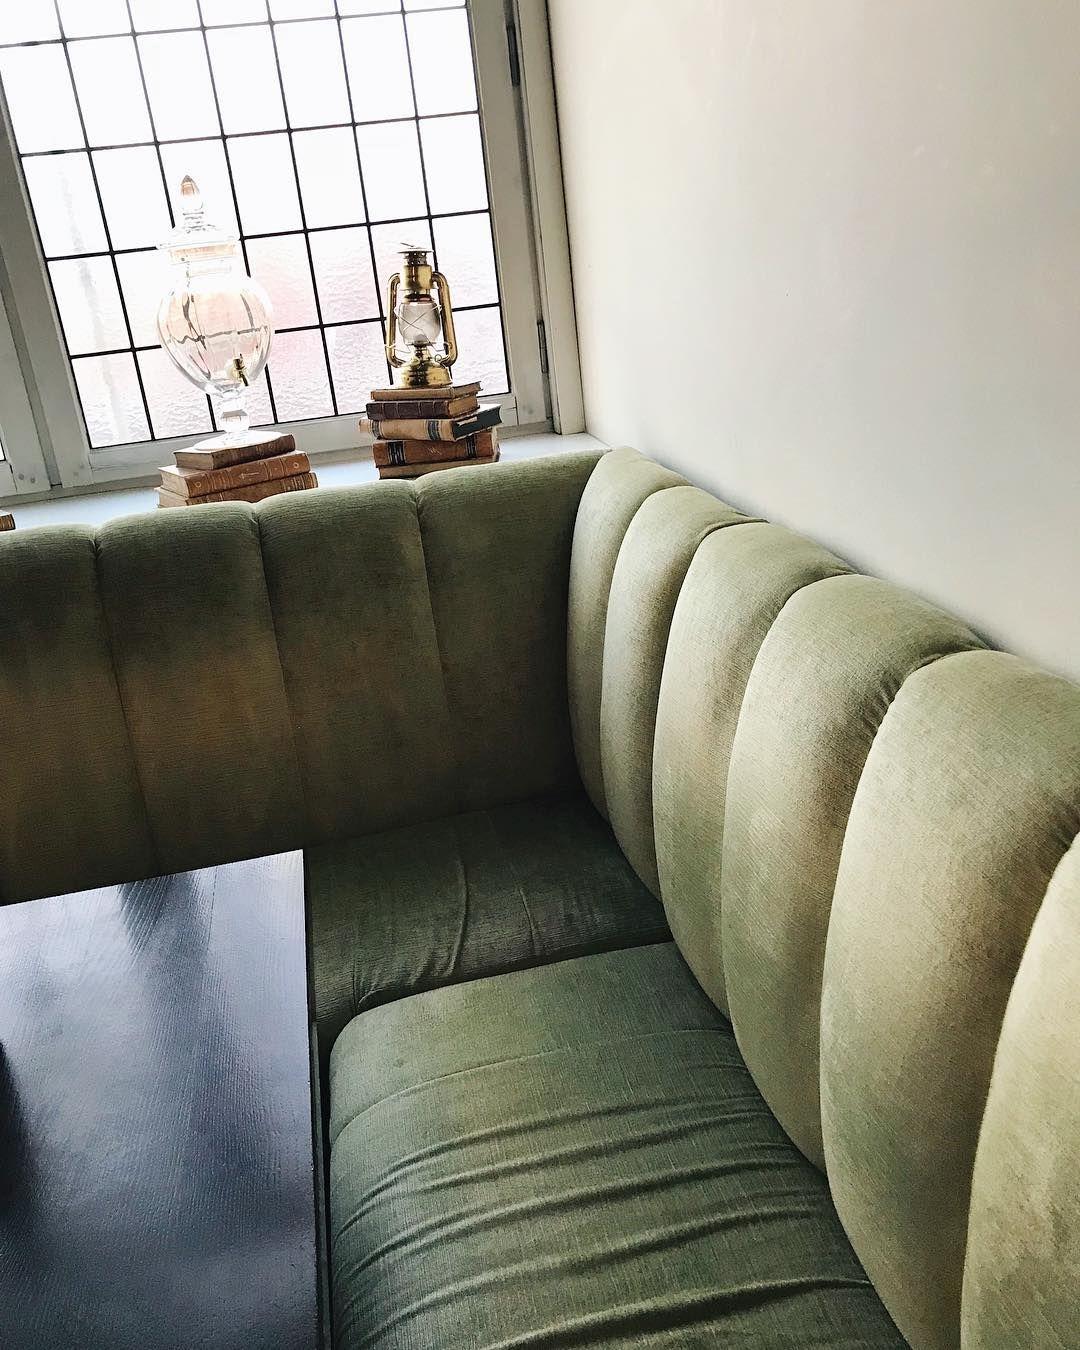 """några dagar bort första titt kupongskod Alexandra Dahlin on Instagram: """"Couch-🥔s catching up ..."""